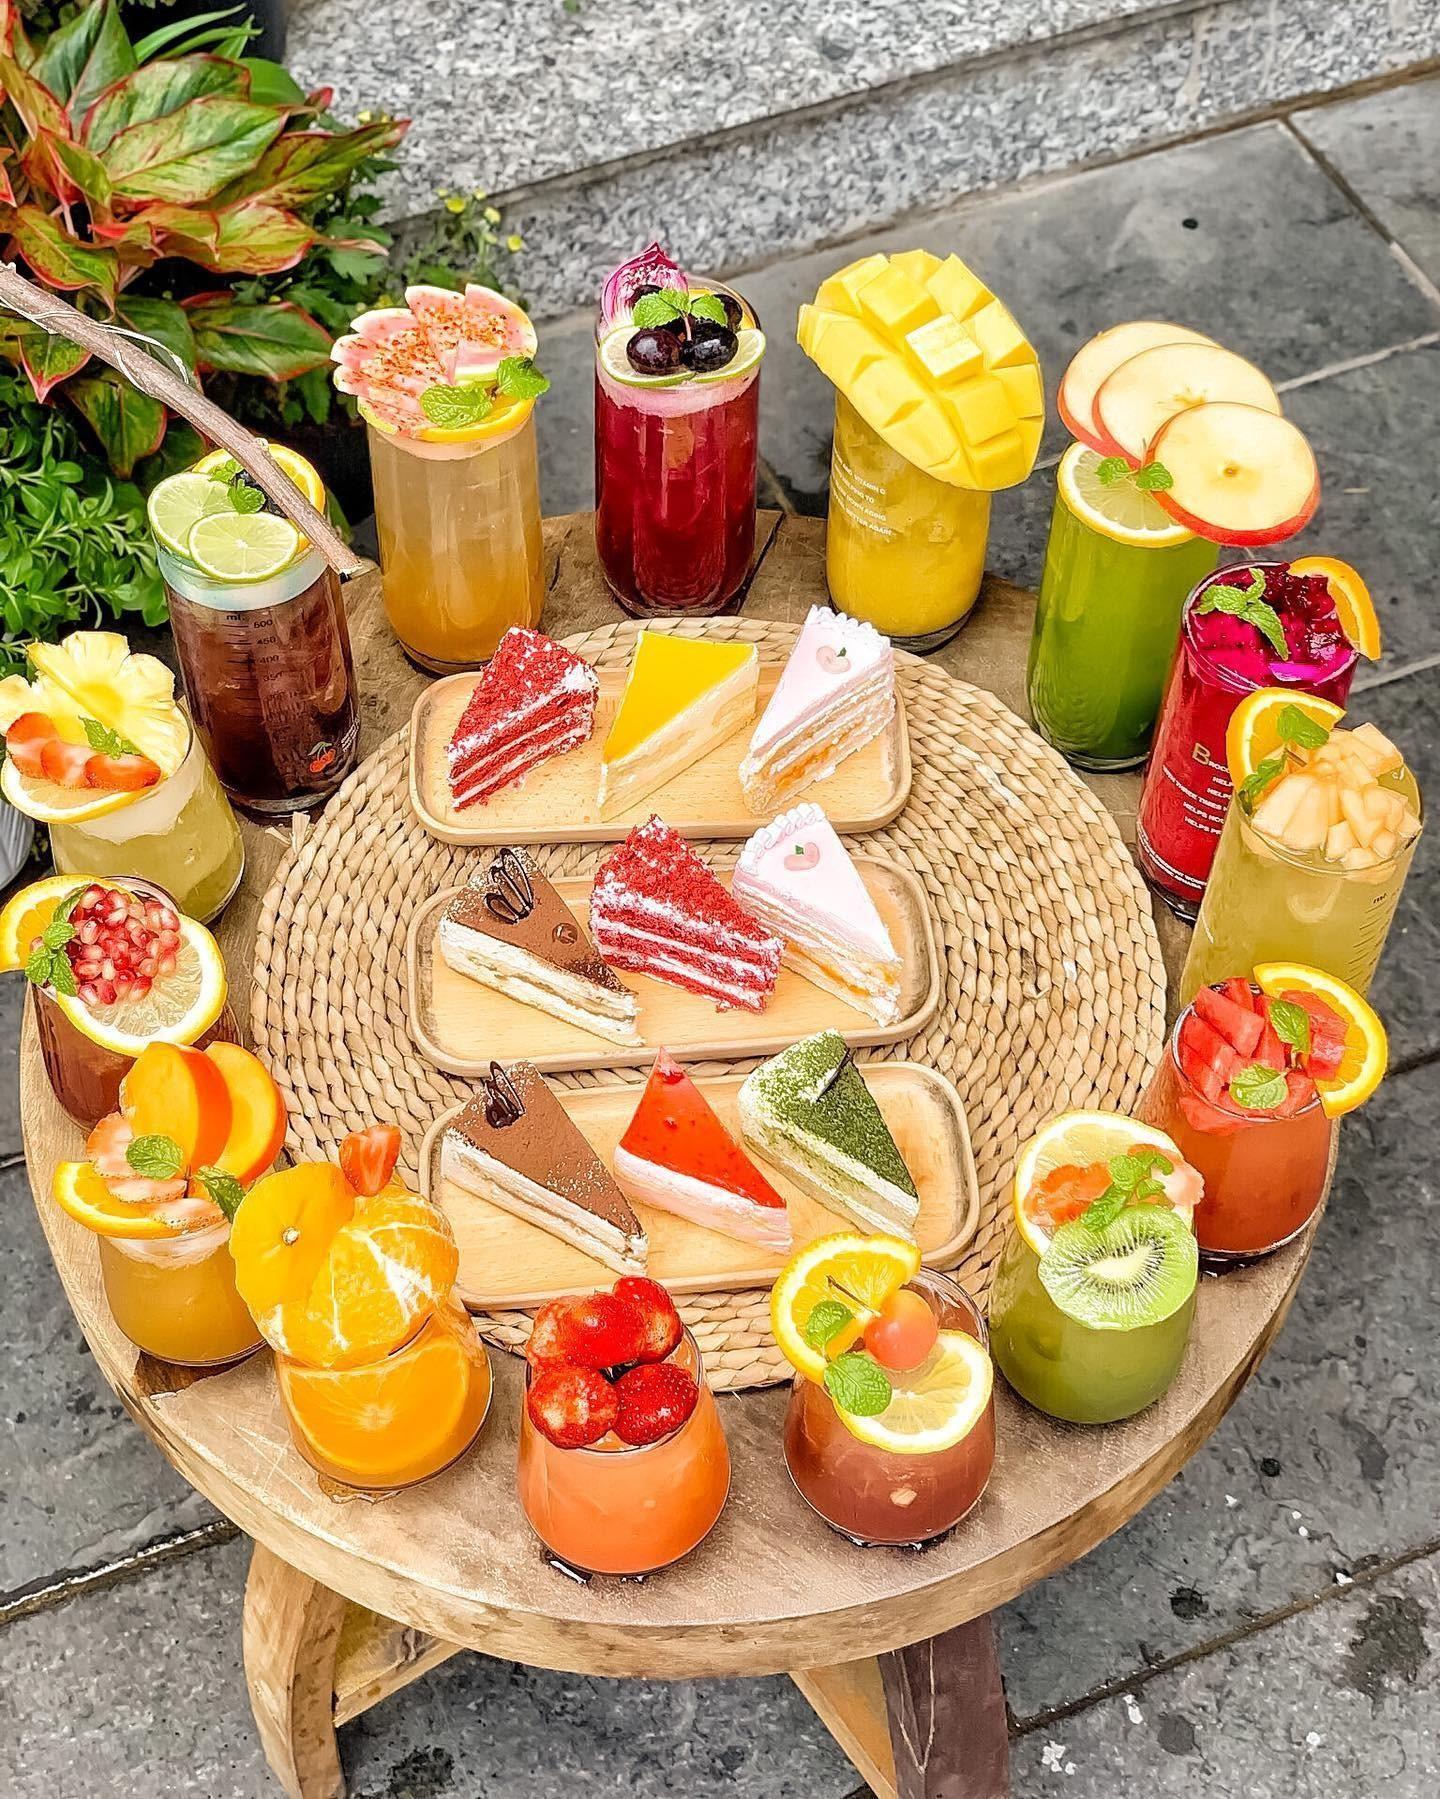 Hẹn hò Sài Gòn: Trốn nắng tại những tiệm trà mát xanh như một khu vườn nhỏ ảnh 1